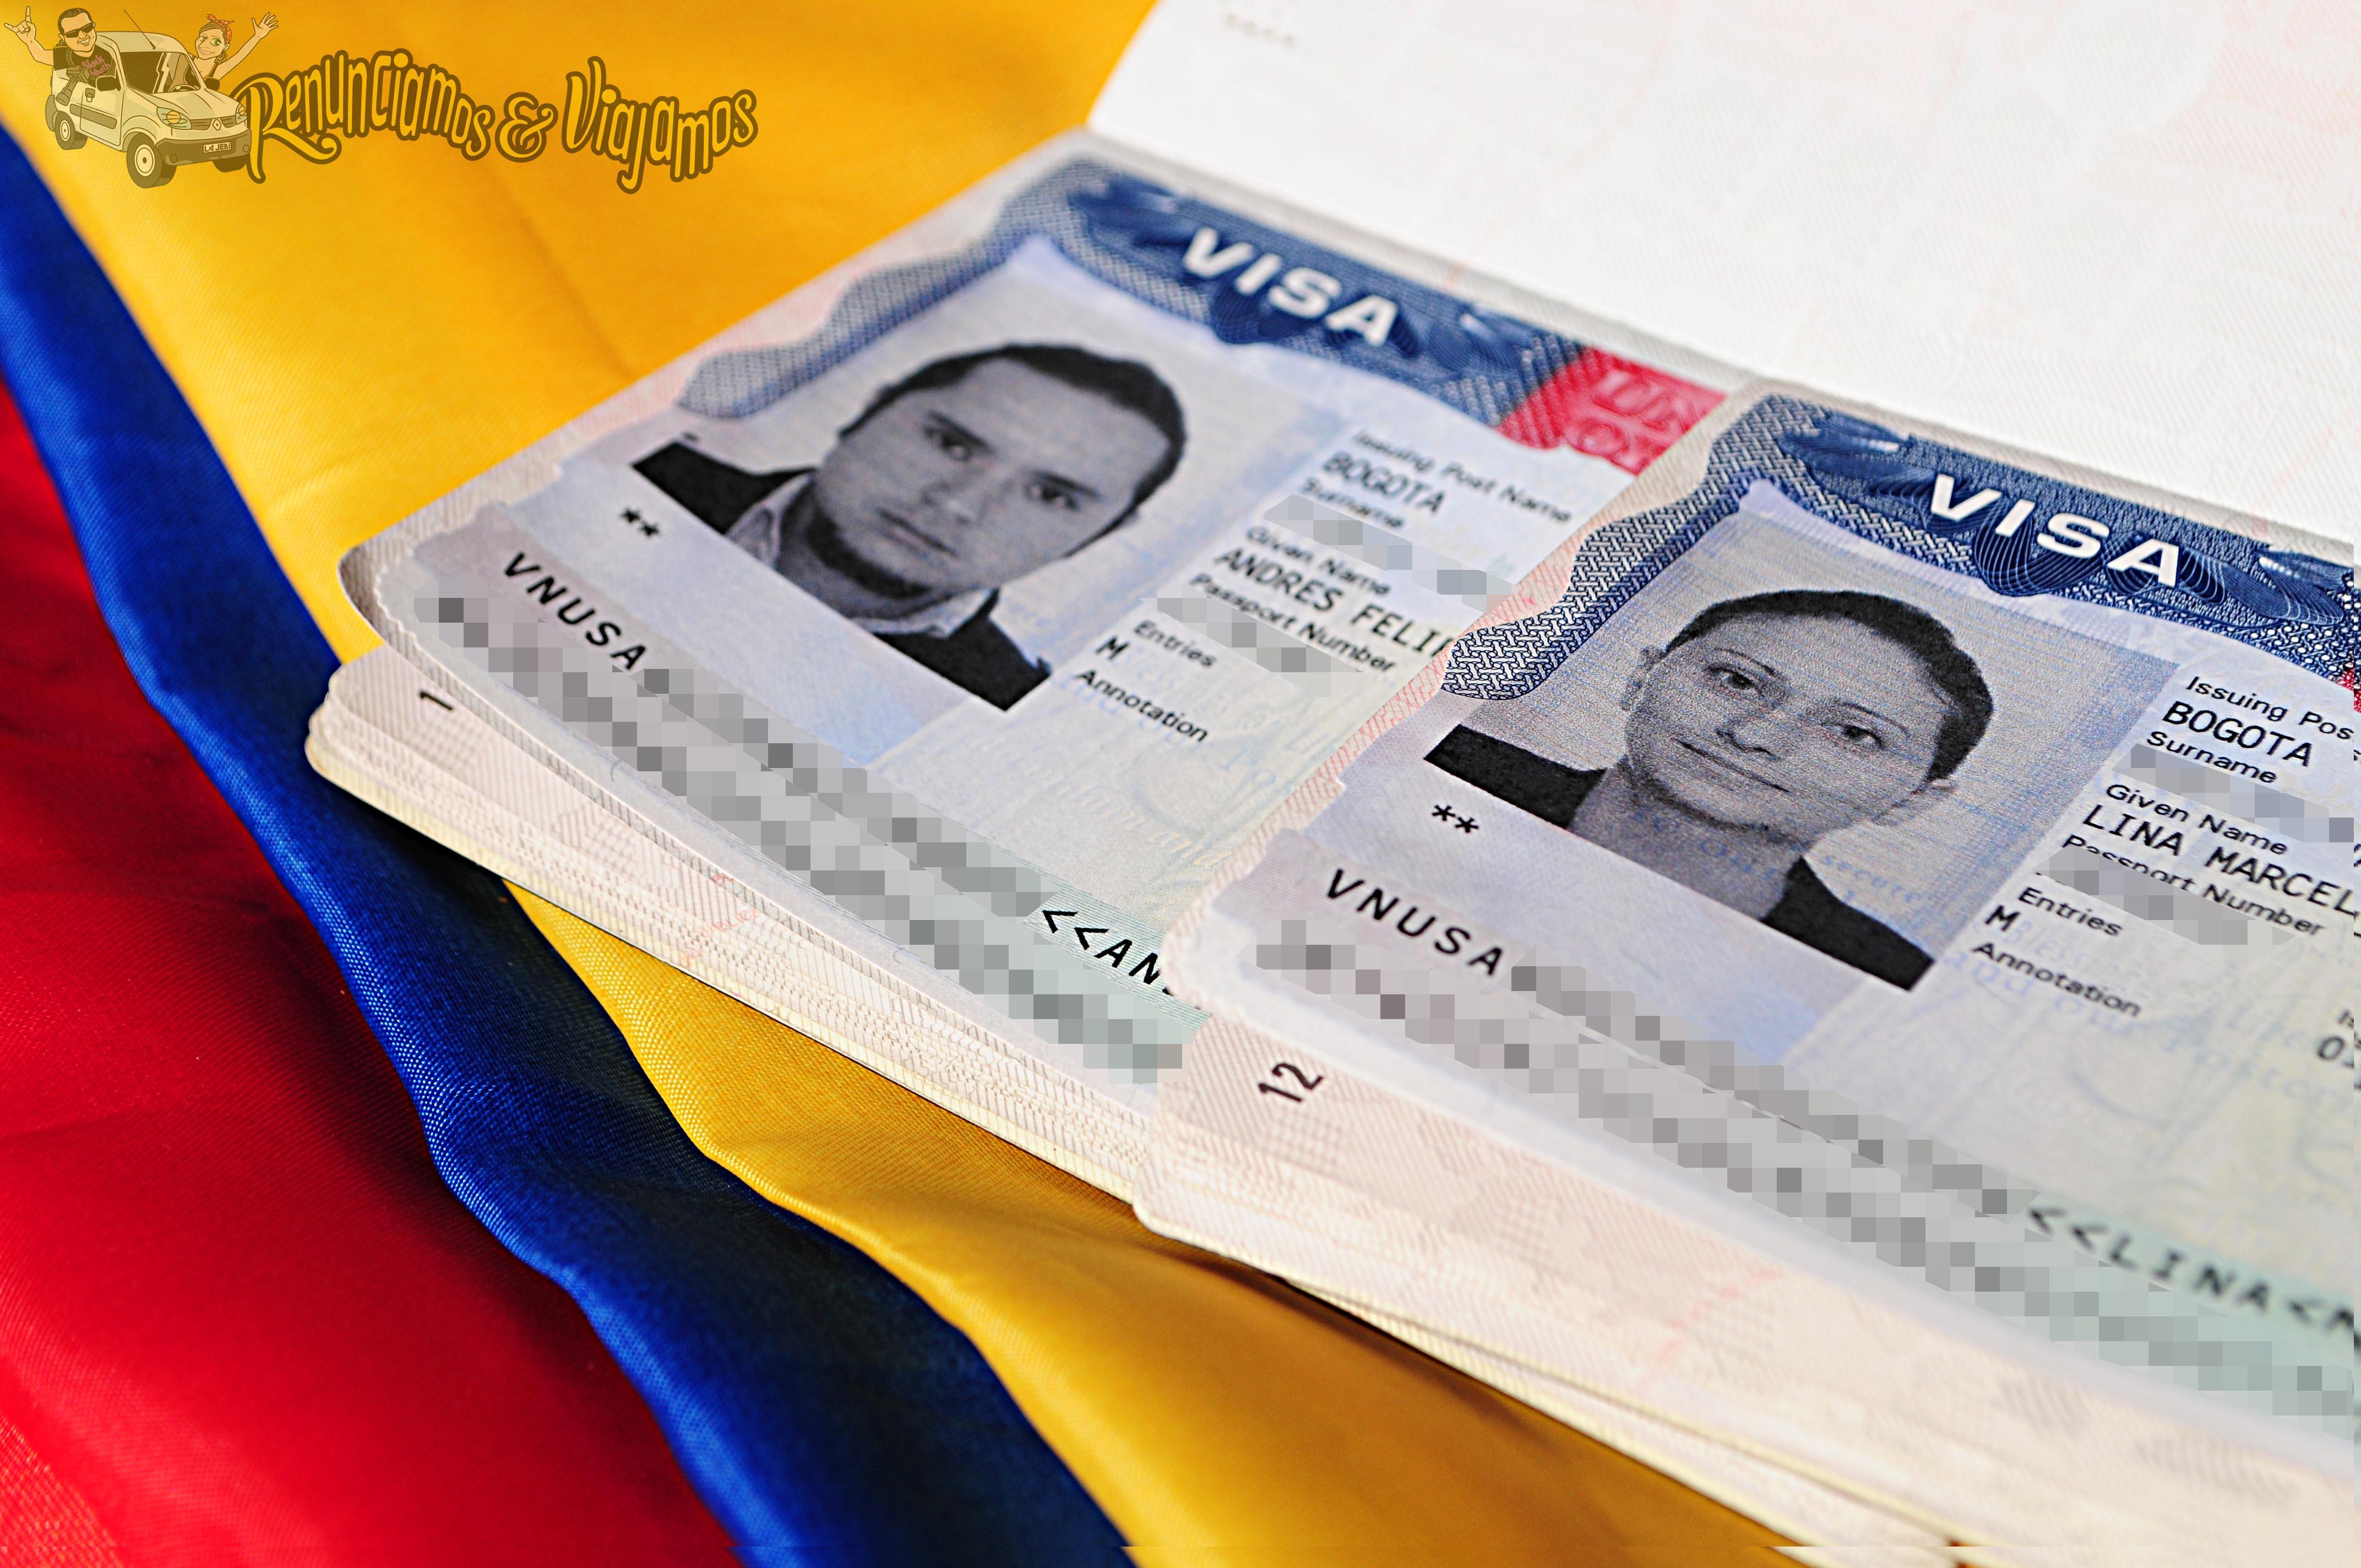 renovacion de visa americana